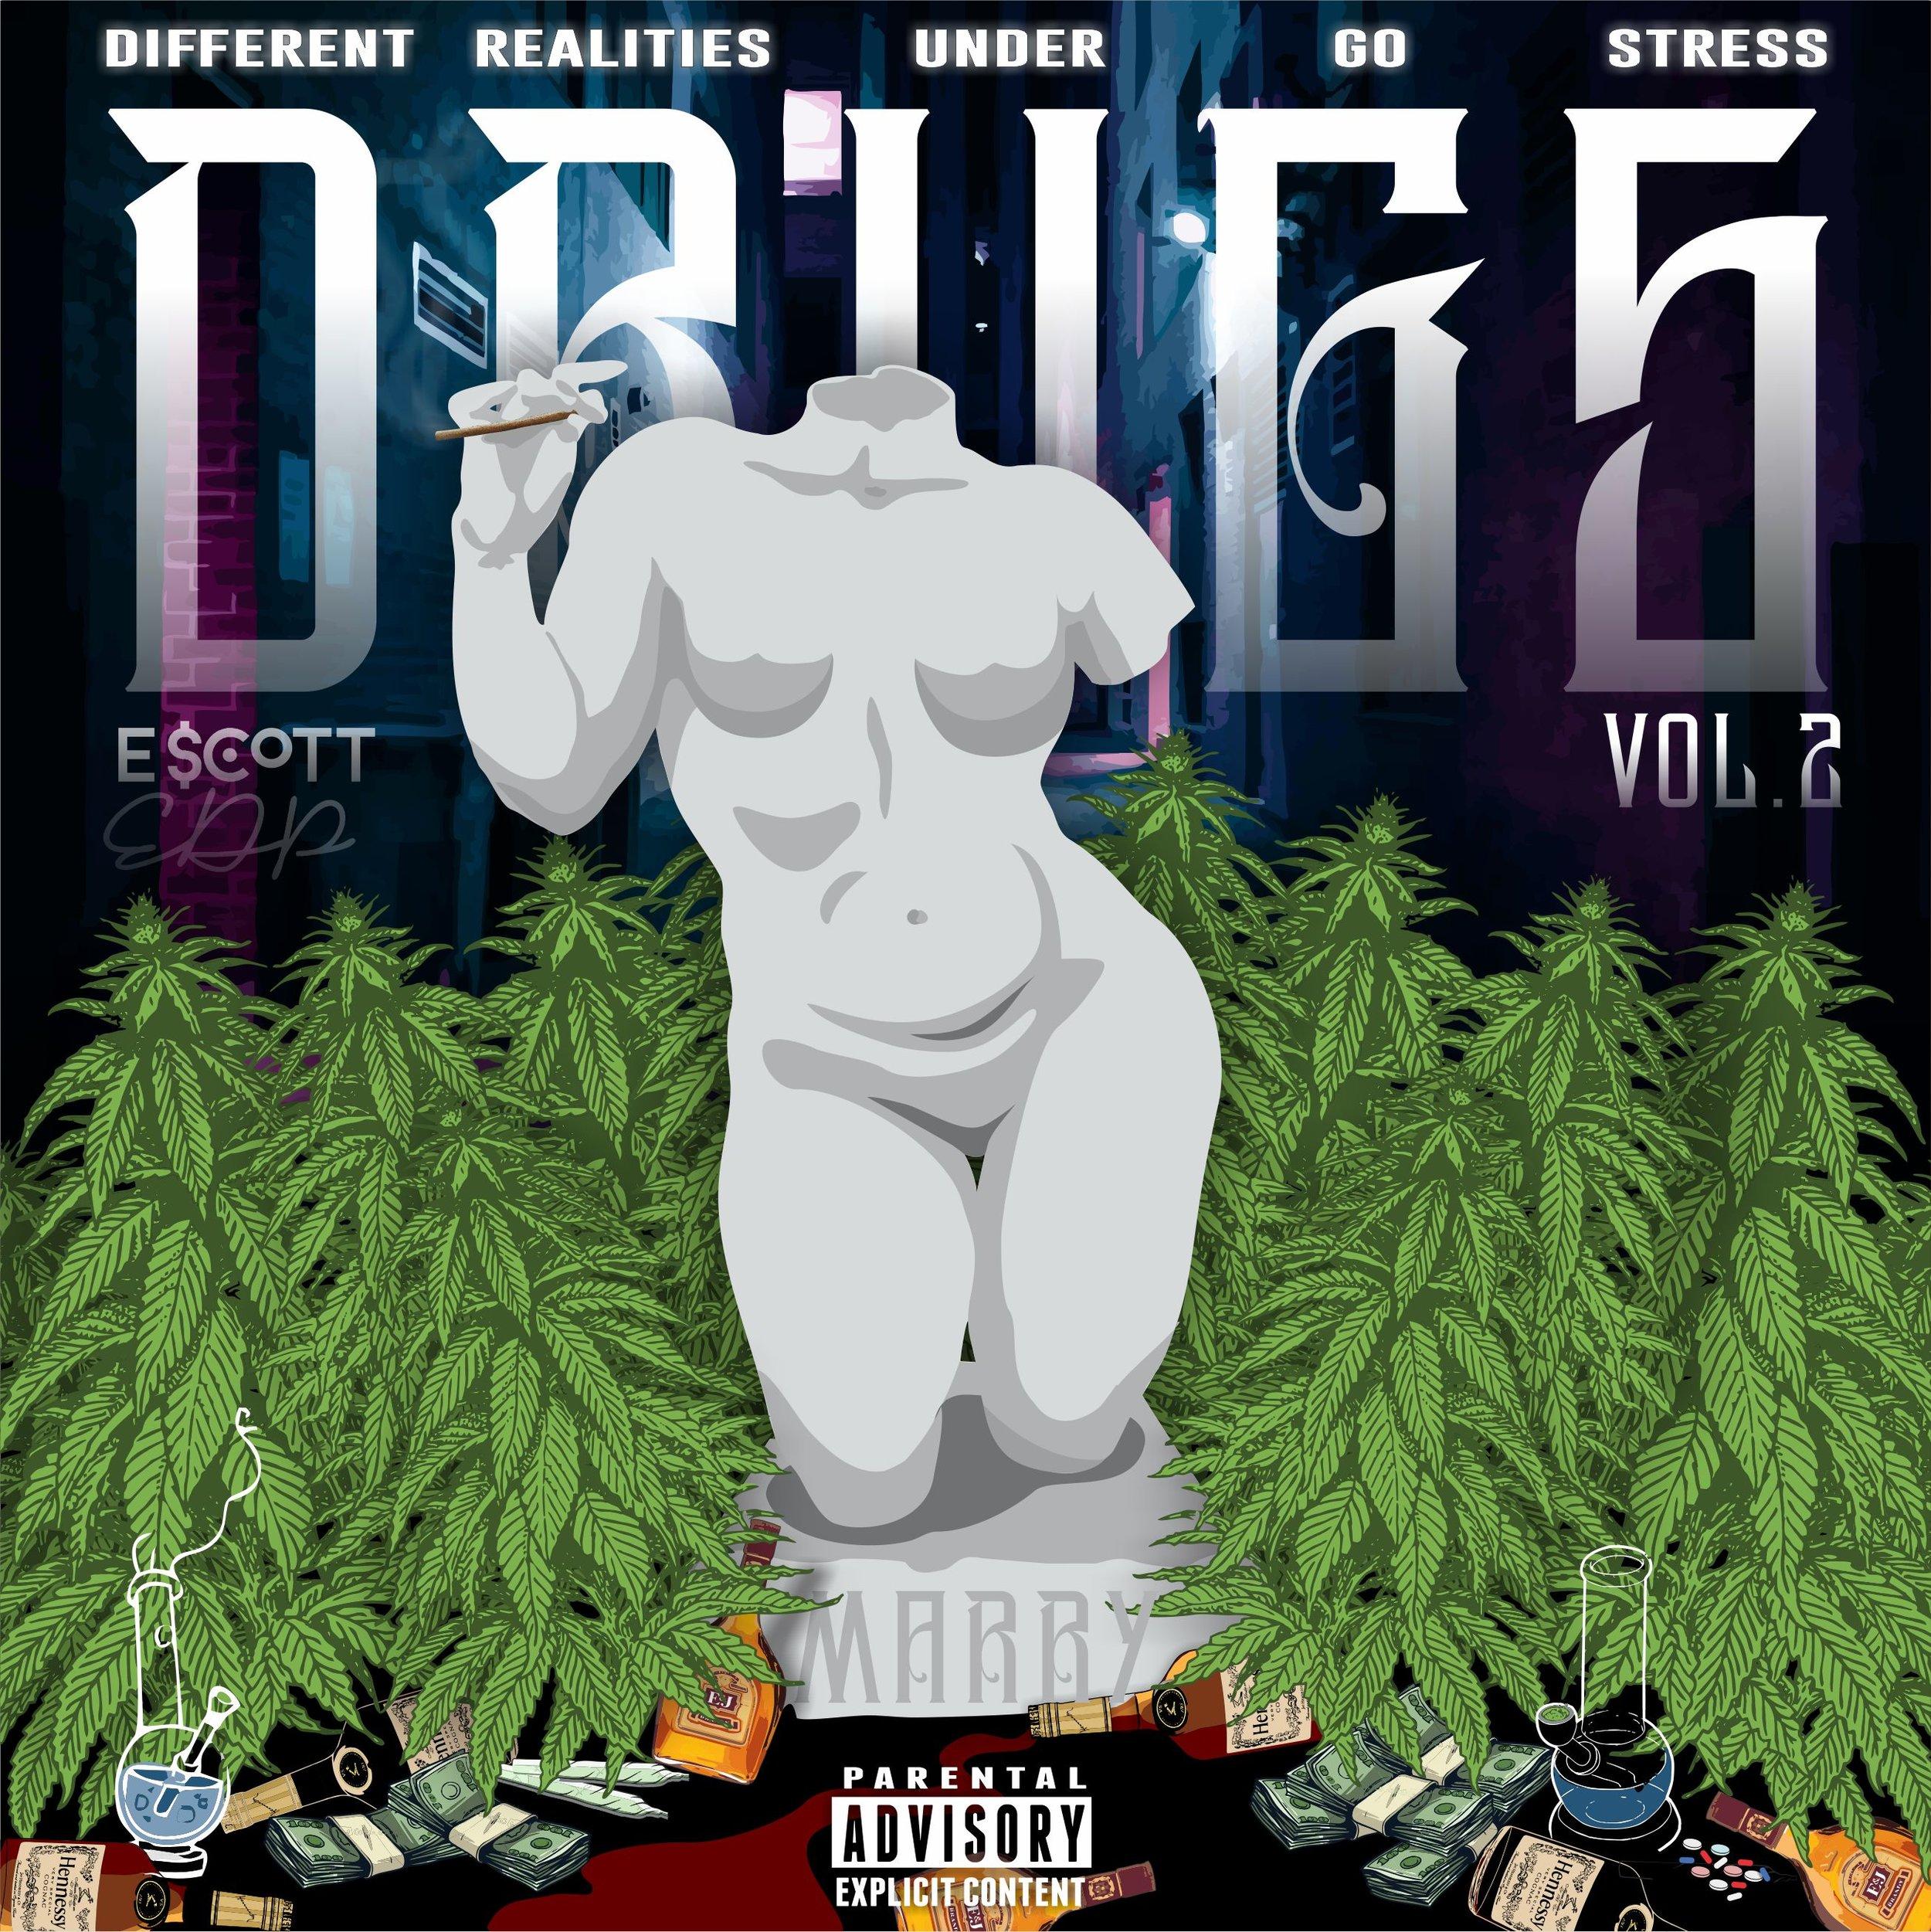 E $cott D.R.U.G.S 2 Album art